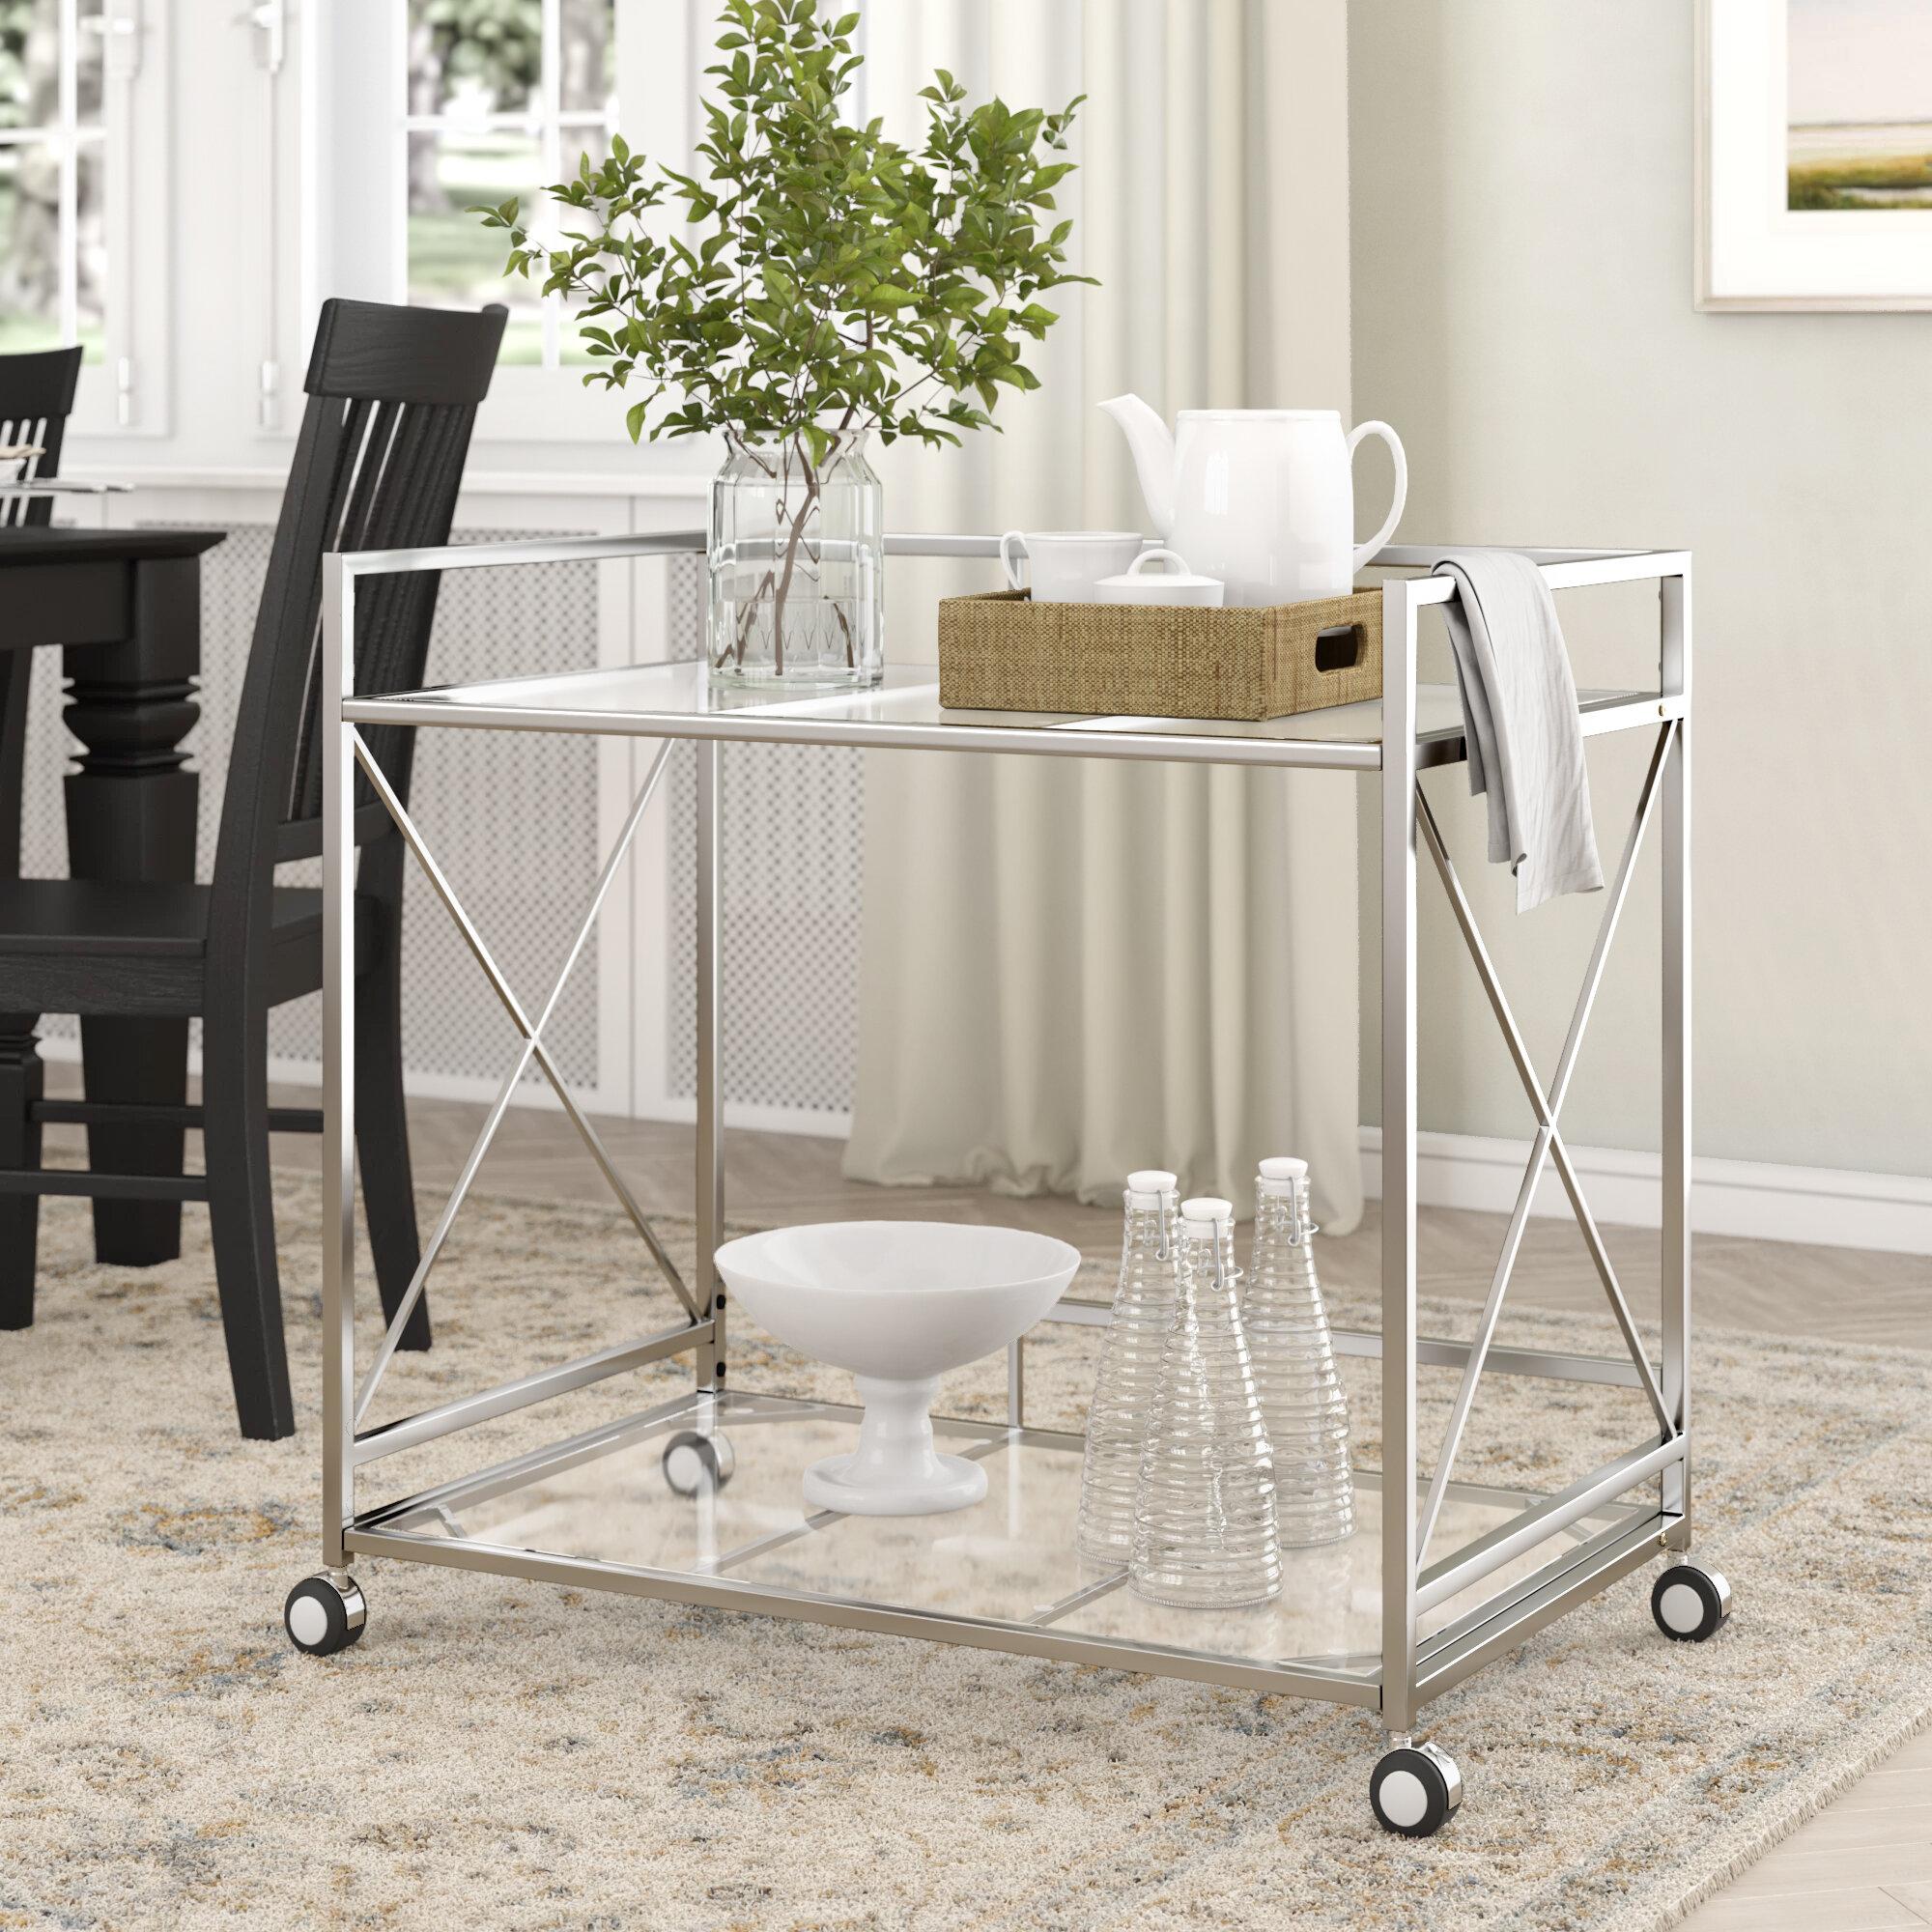 Ebern Designs Ducote Industrial Modern Iron Glass Bar Cart Reviews Wayfair